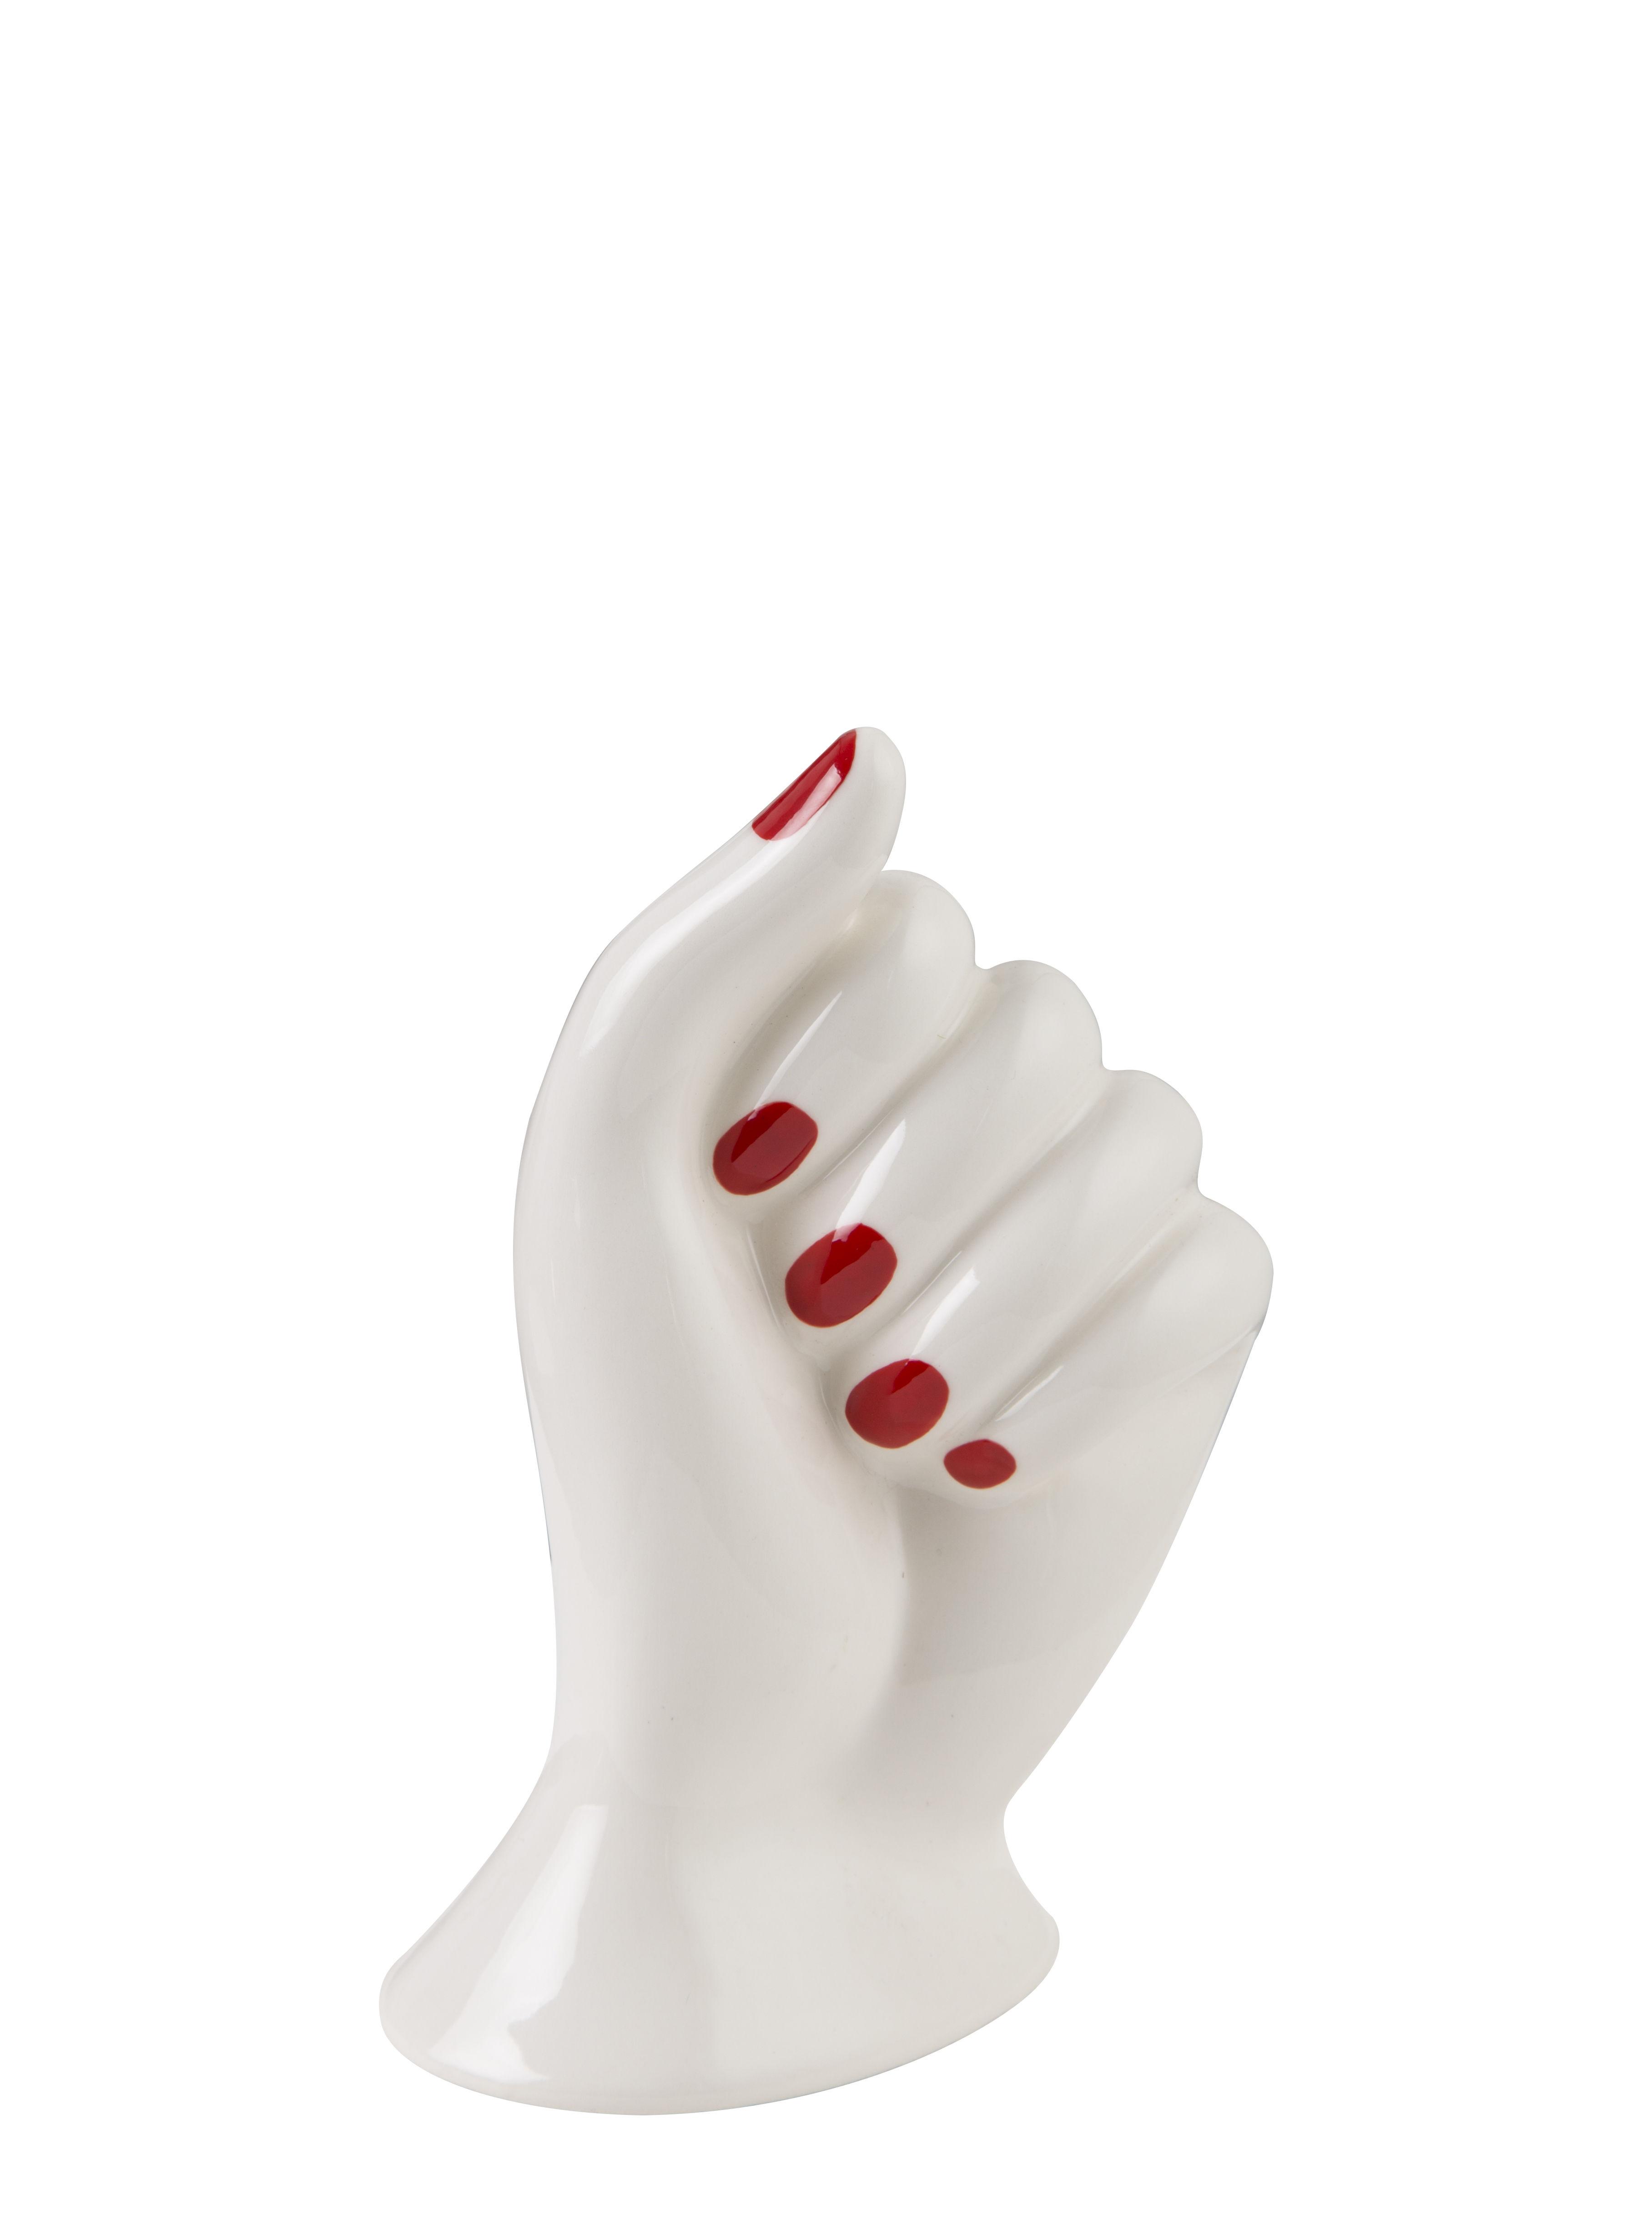 Dekoration - Vasen - Mano Soliflore / Porzellan - Bitossi Home - Weiß & rot - Porzellan